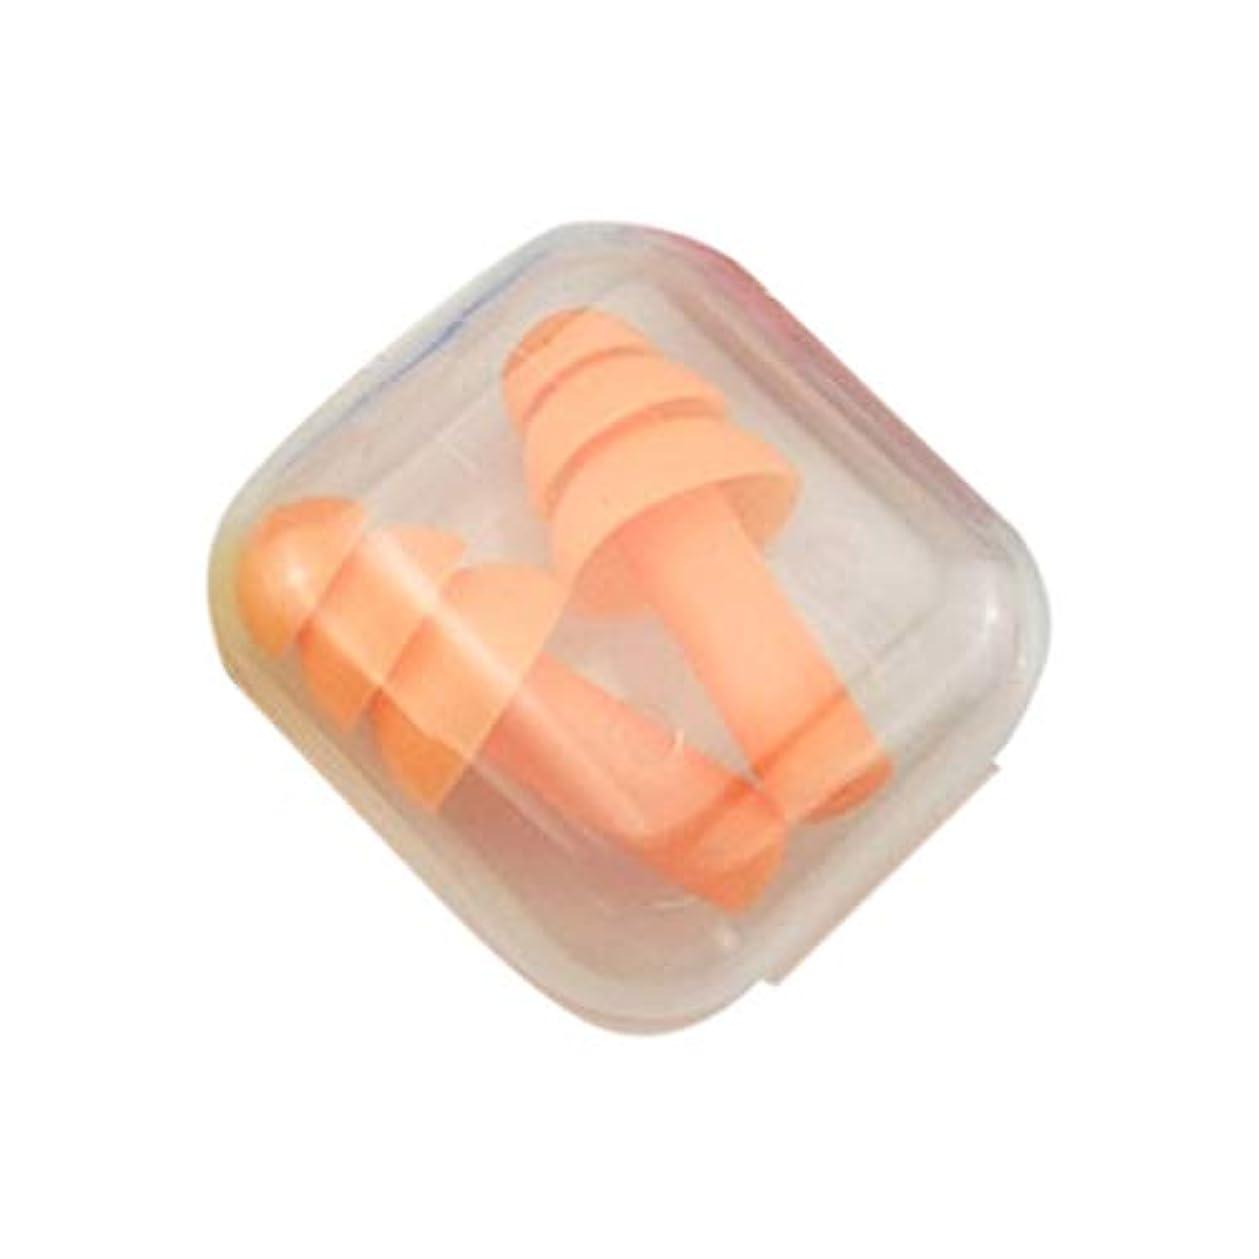 豪華な仲介者タッチ柔らかいシリコーンの耳栓遮音用耳の保護用の耳栓防音睡眠ボックス付き収納ボックス - オレンジ